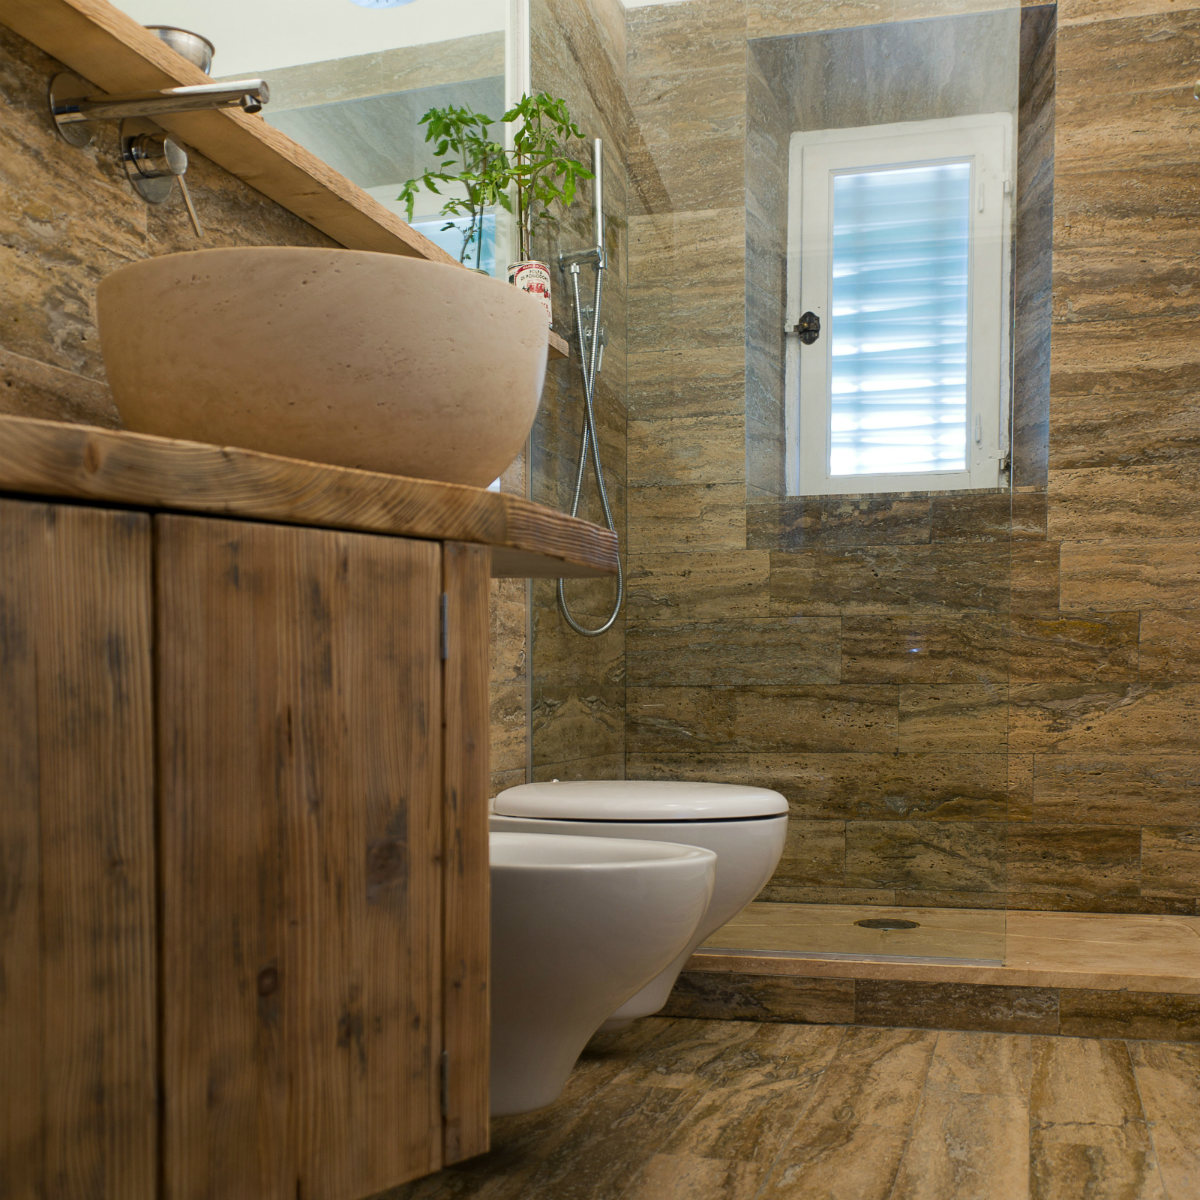 Bagno in travertino simil legno pietre di rapolano - Pavimento in legno per bagno ...